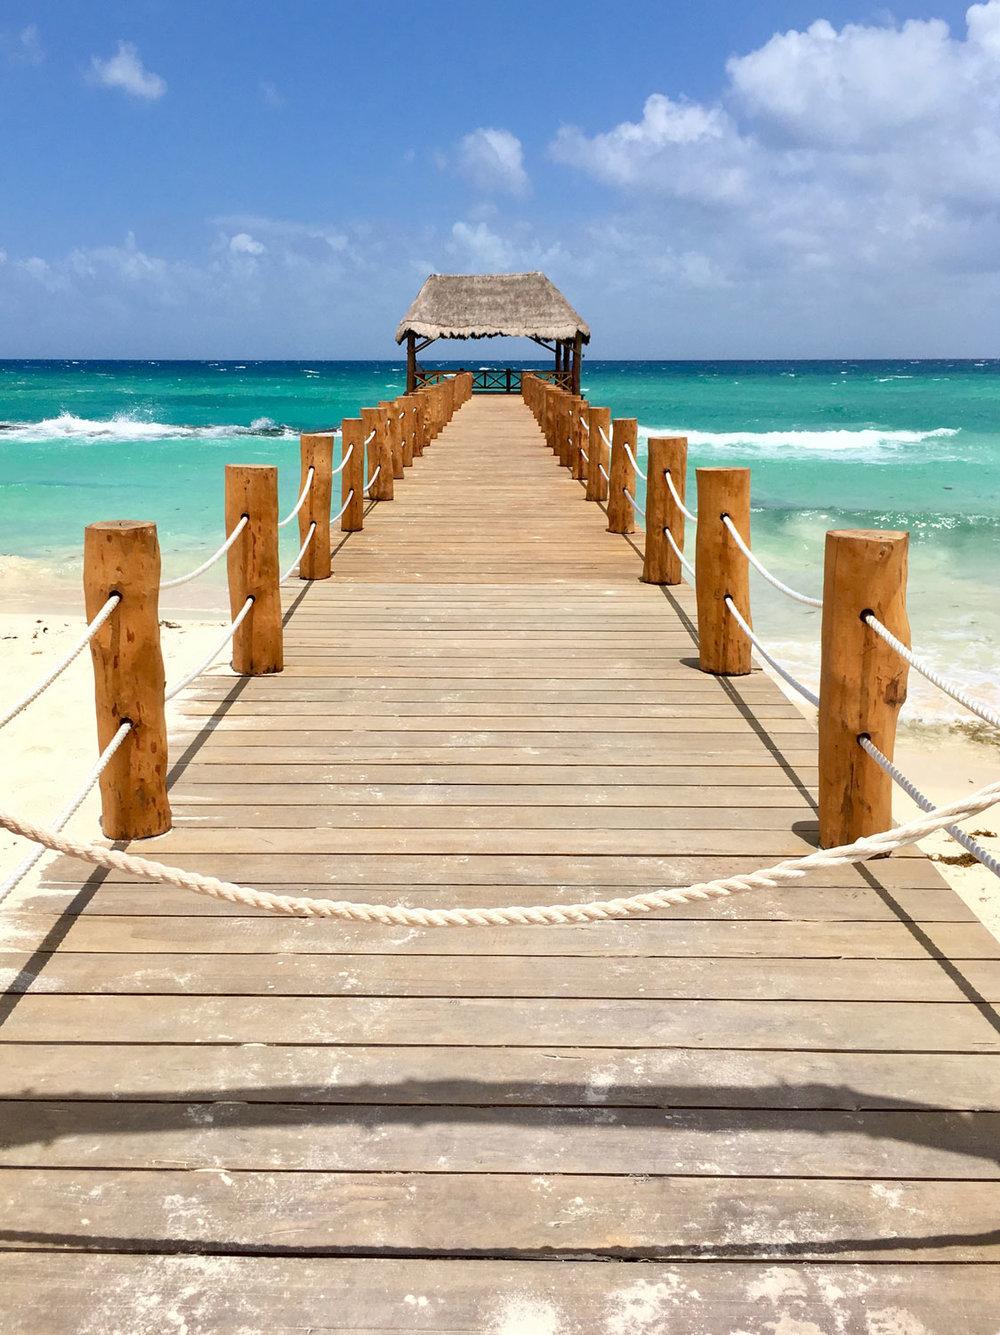 Hammocks_and_Ruins_Town_Villages_Quinatana_Roo_Riviera_Maya_Mexico_Hammocks_Playa_Explore_Beaches_21.jpg